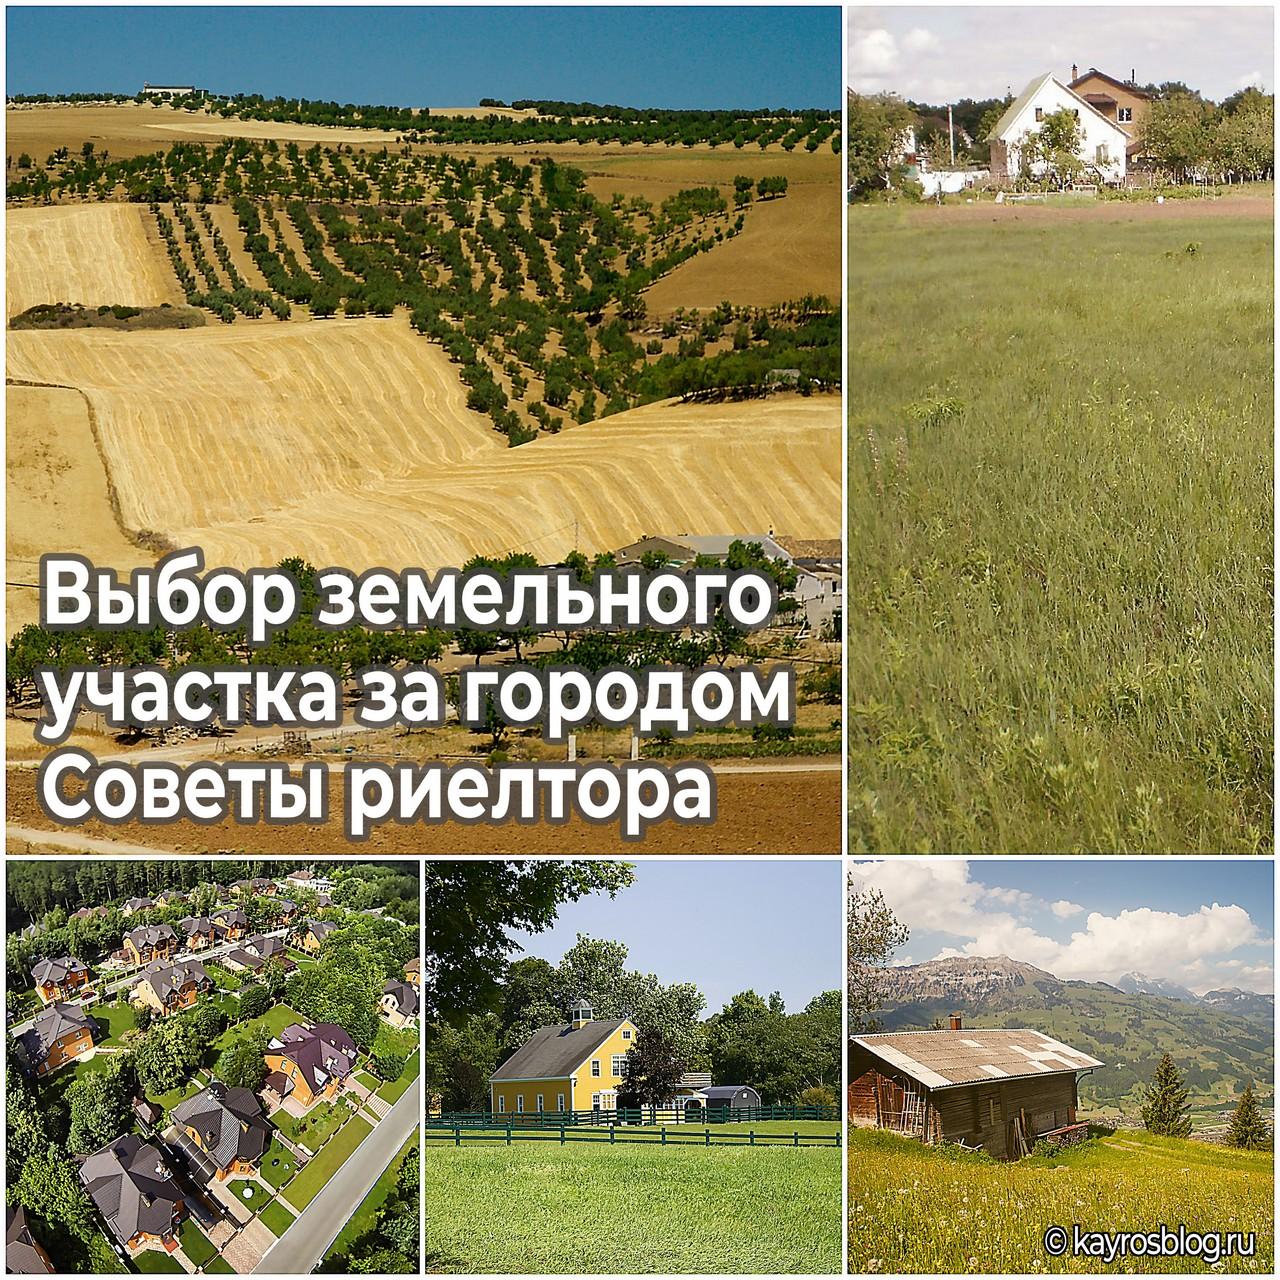 Выбор земельного участка за городом - советы риелтора